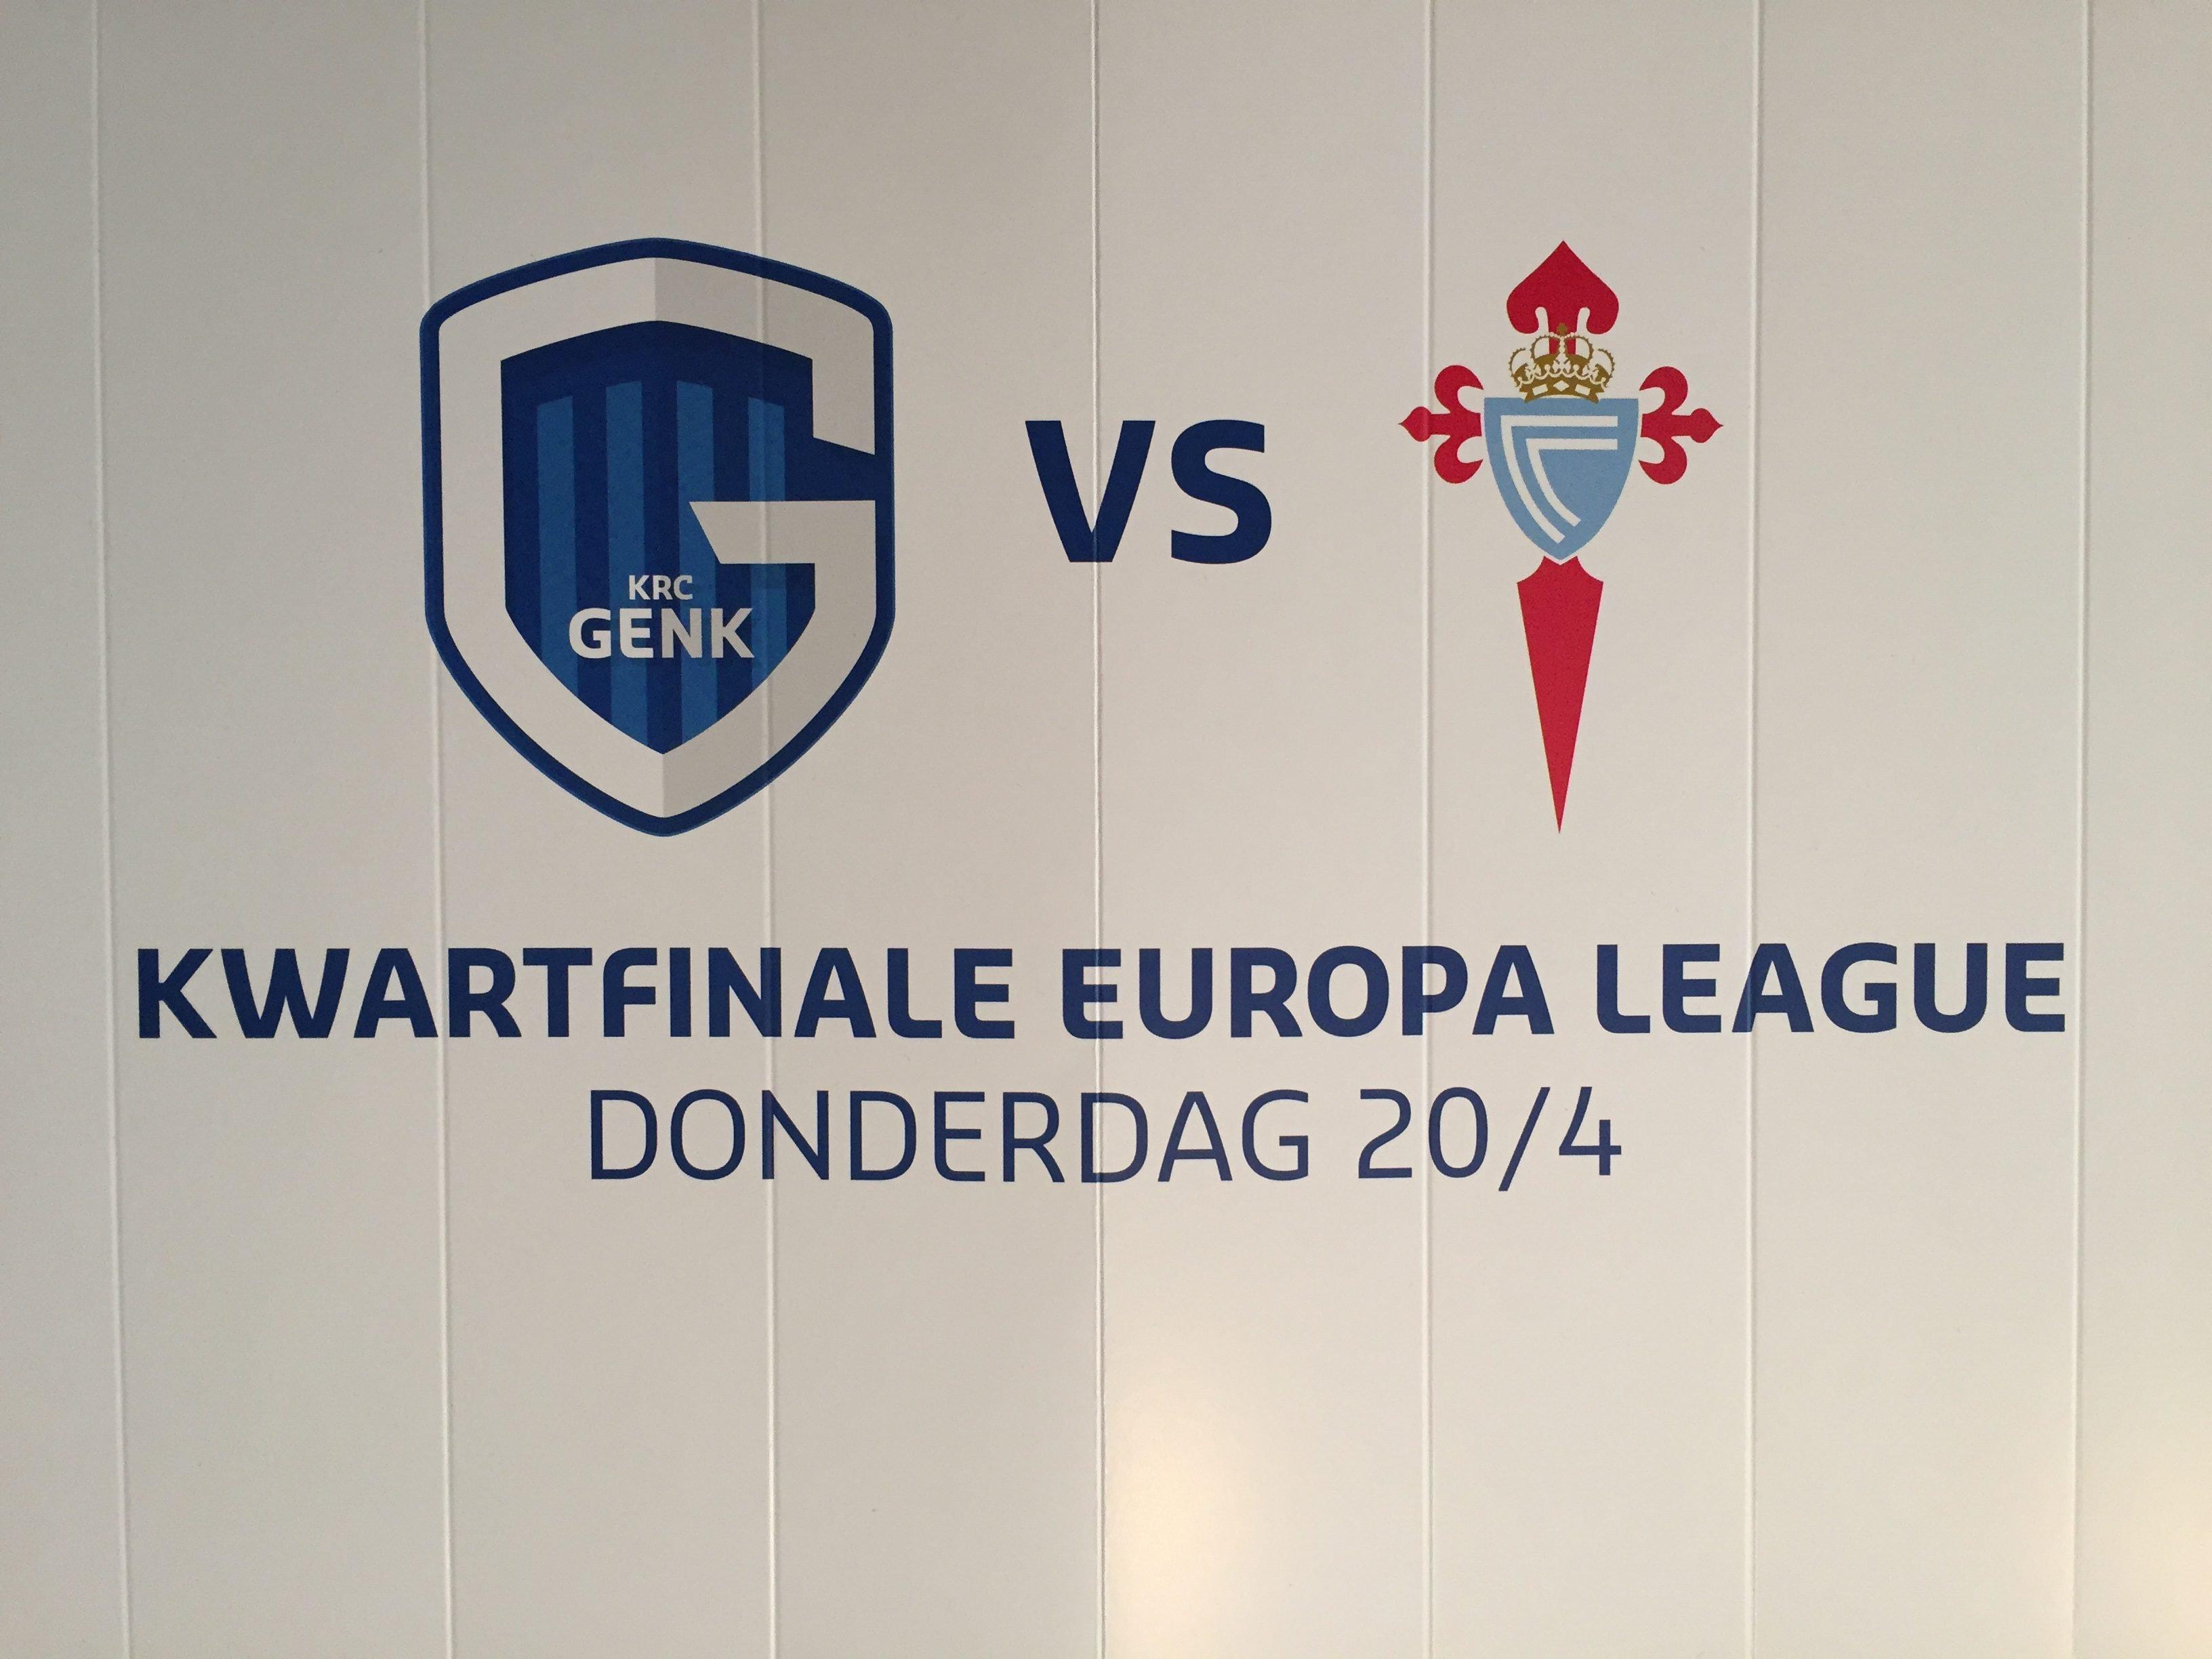 KRC Genk 1 RC Celta de Vigo 1